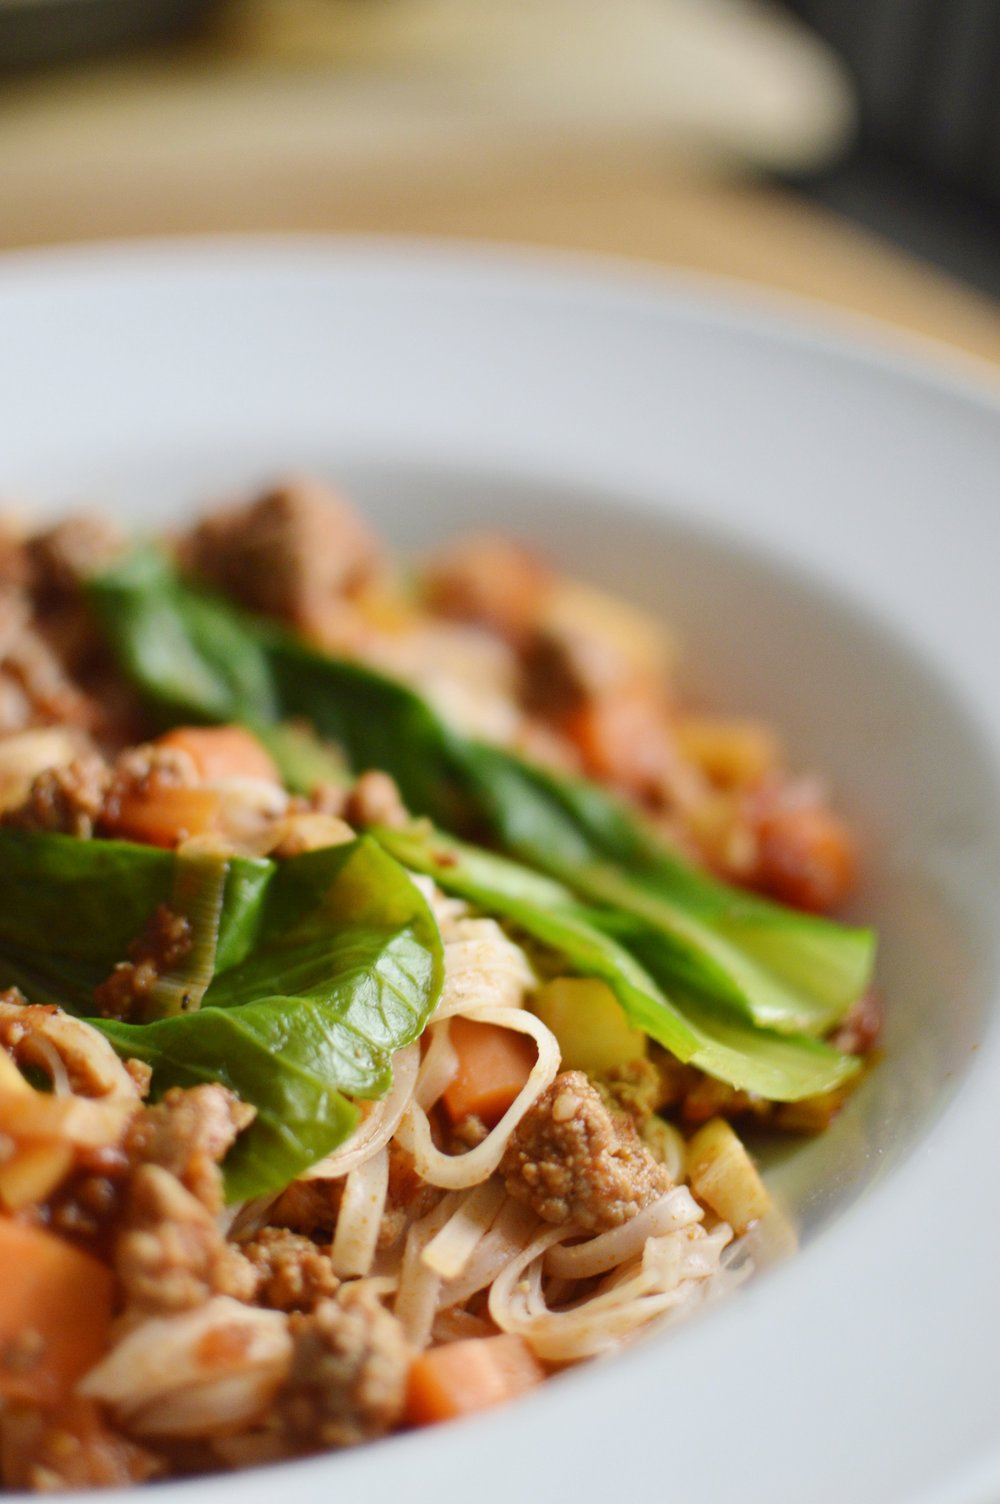 Rezept-asiatische-Bolognese-Reisbandnudeln-Pakchoi-schnell-frisch-lecker